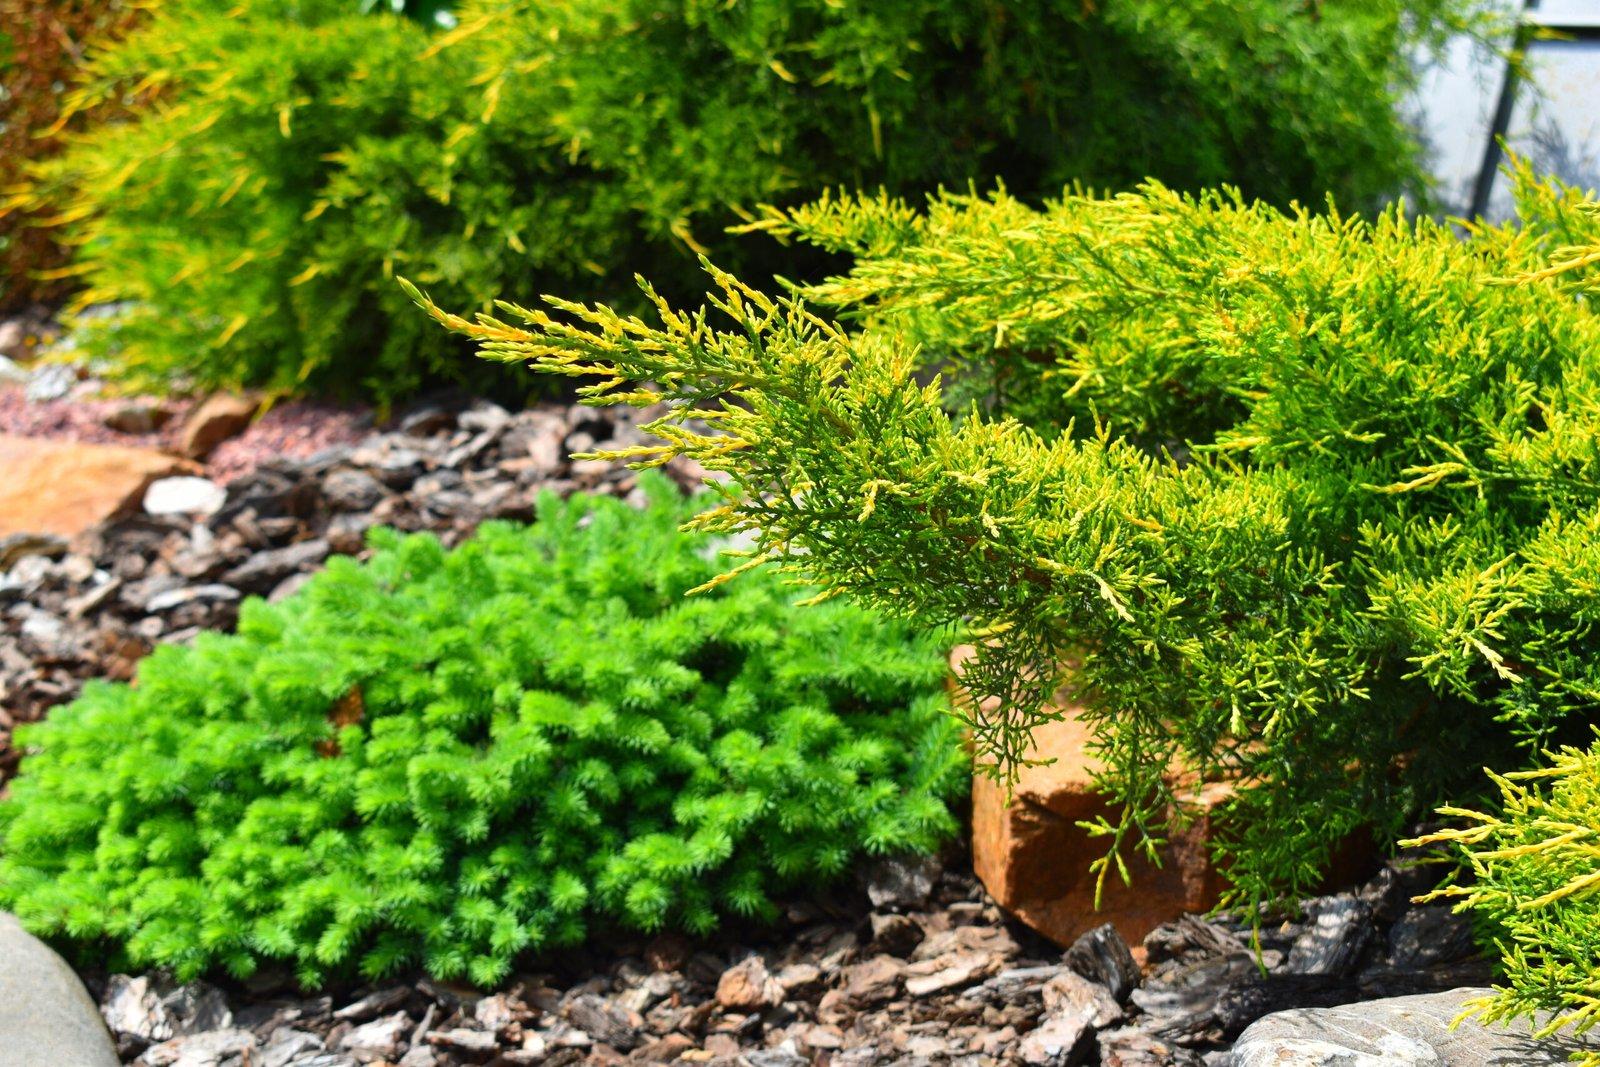 Озеленение на участке, концепции озеленения, классический стиль озеленения,